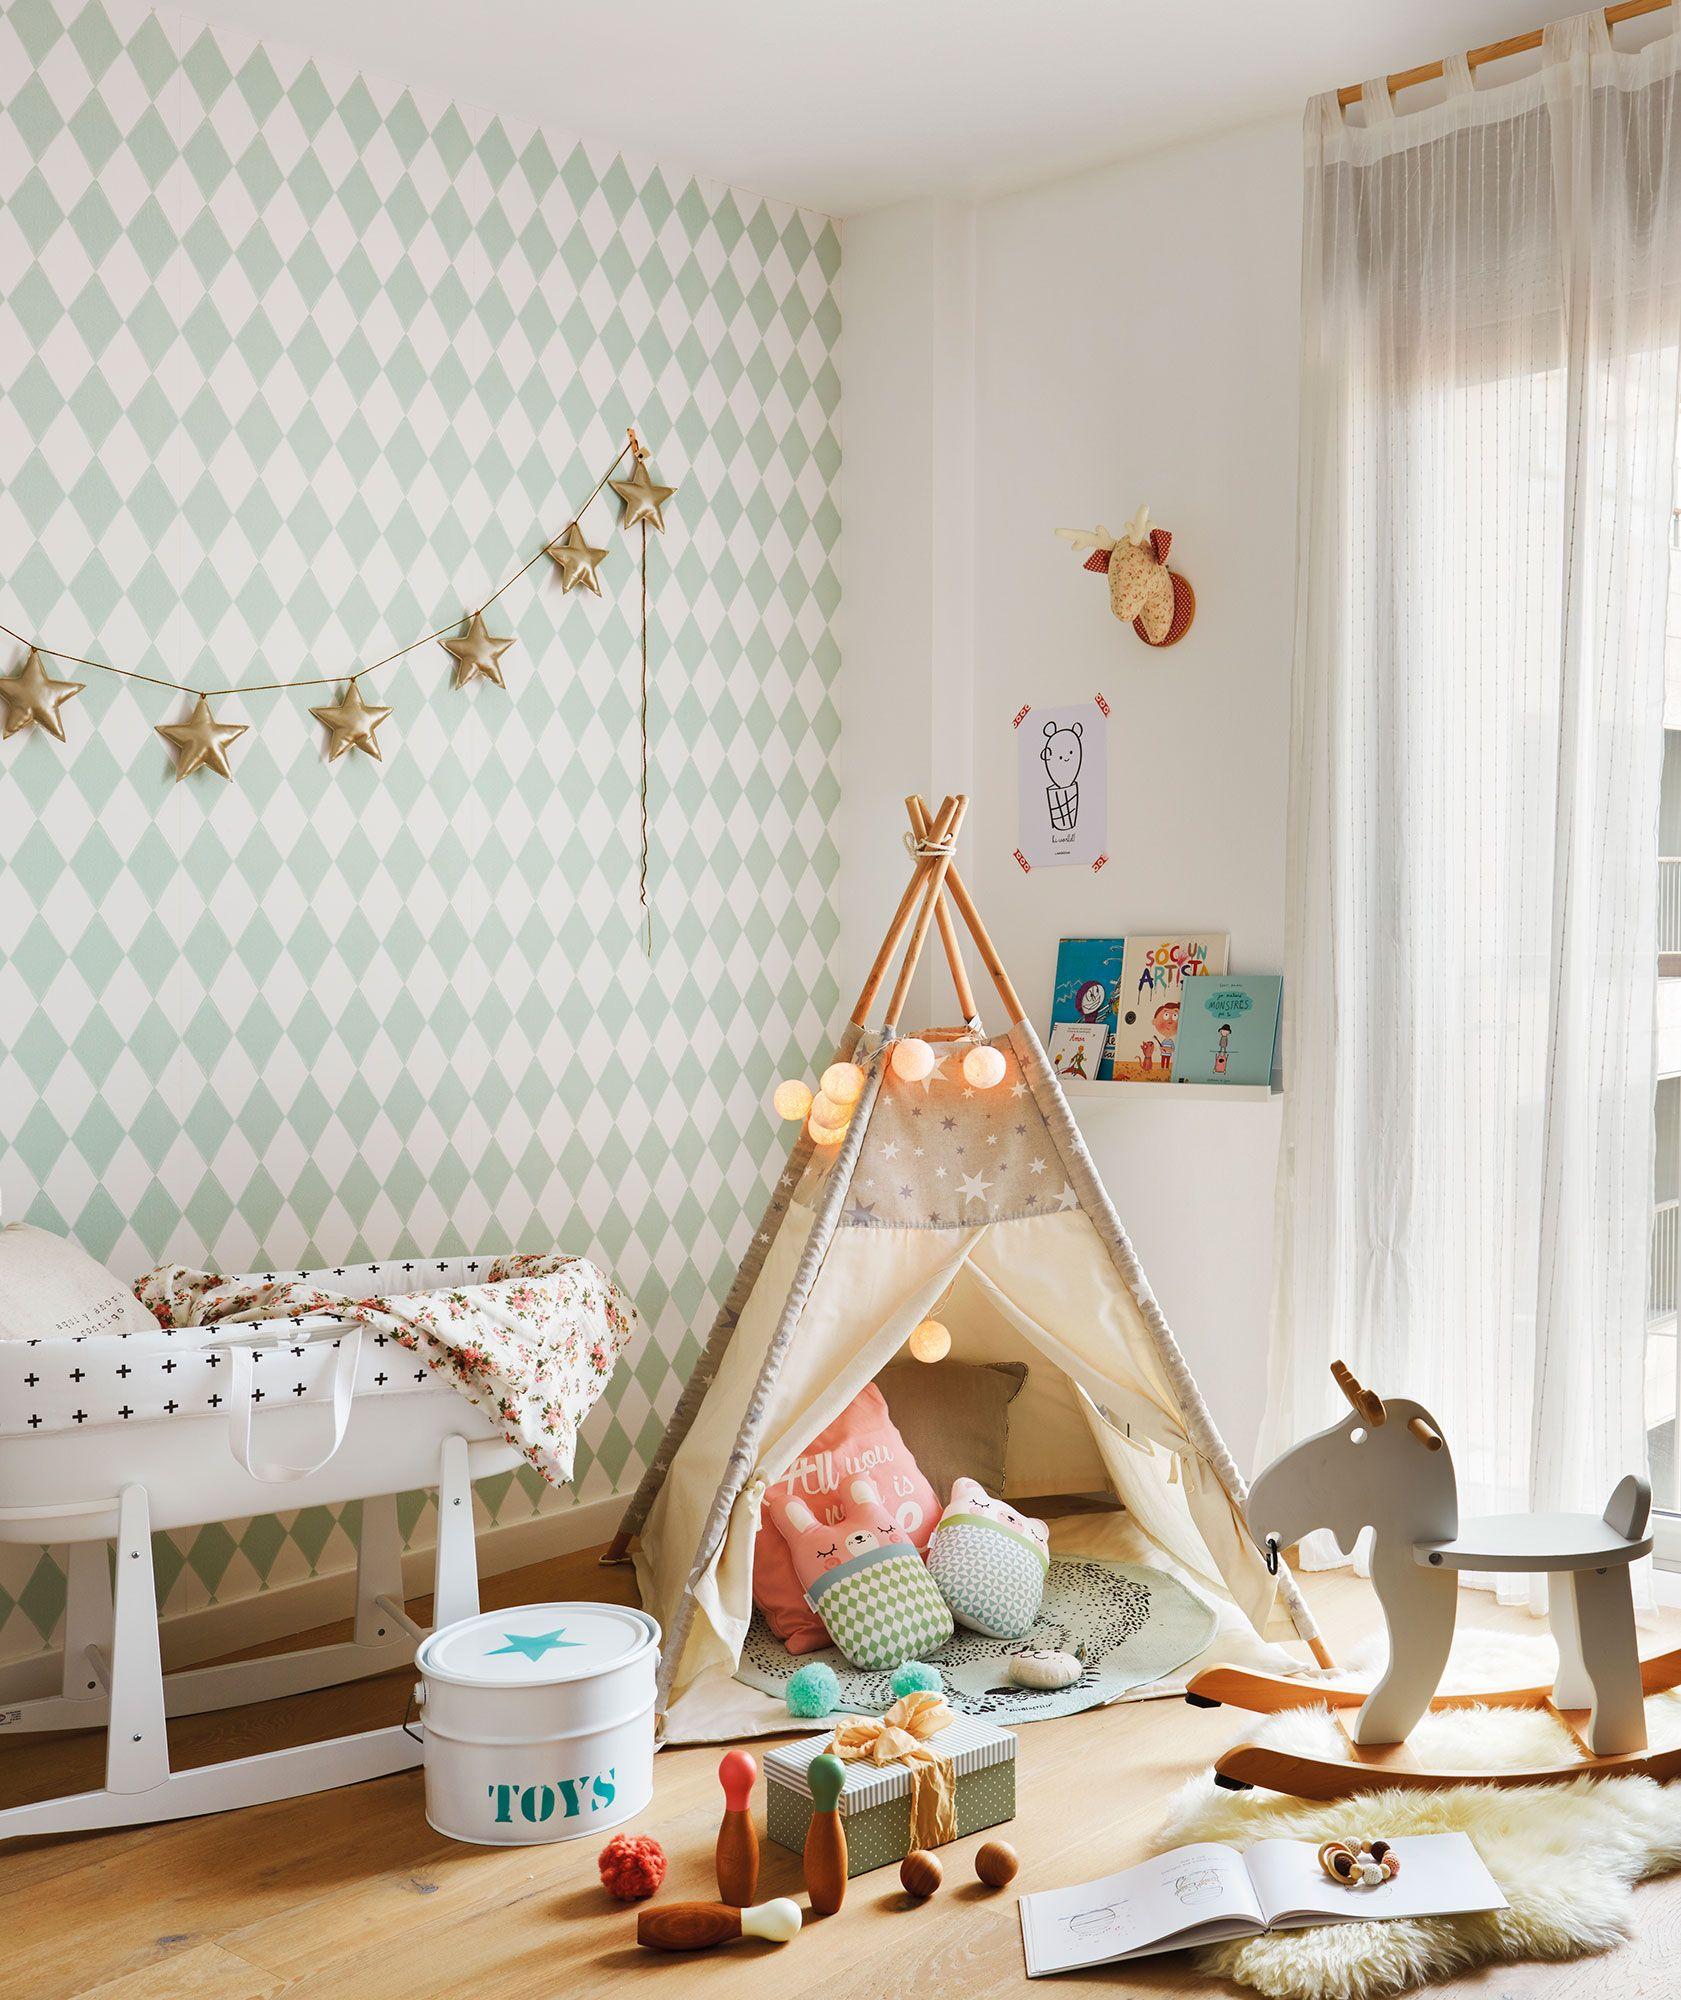 Habitaci N Infantil Con Cuna Tipi Y Papel Pintado _445624  ~ Papel Pintado Para Habitacion Juvenil De Niña